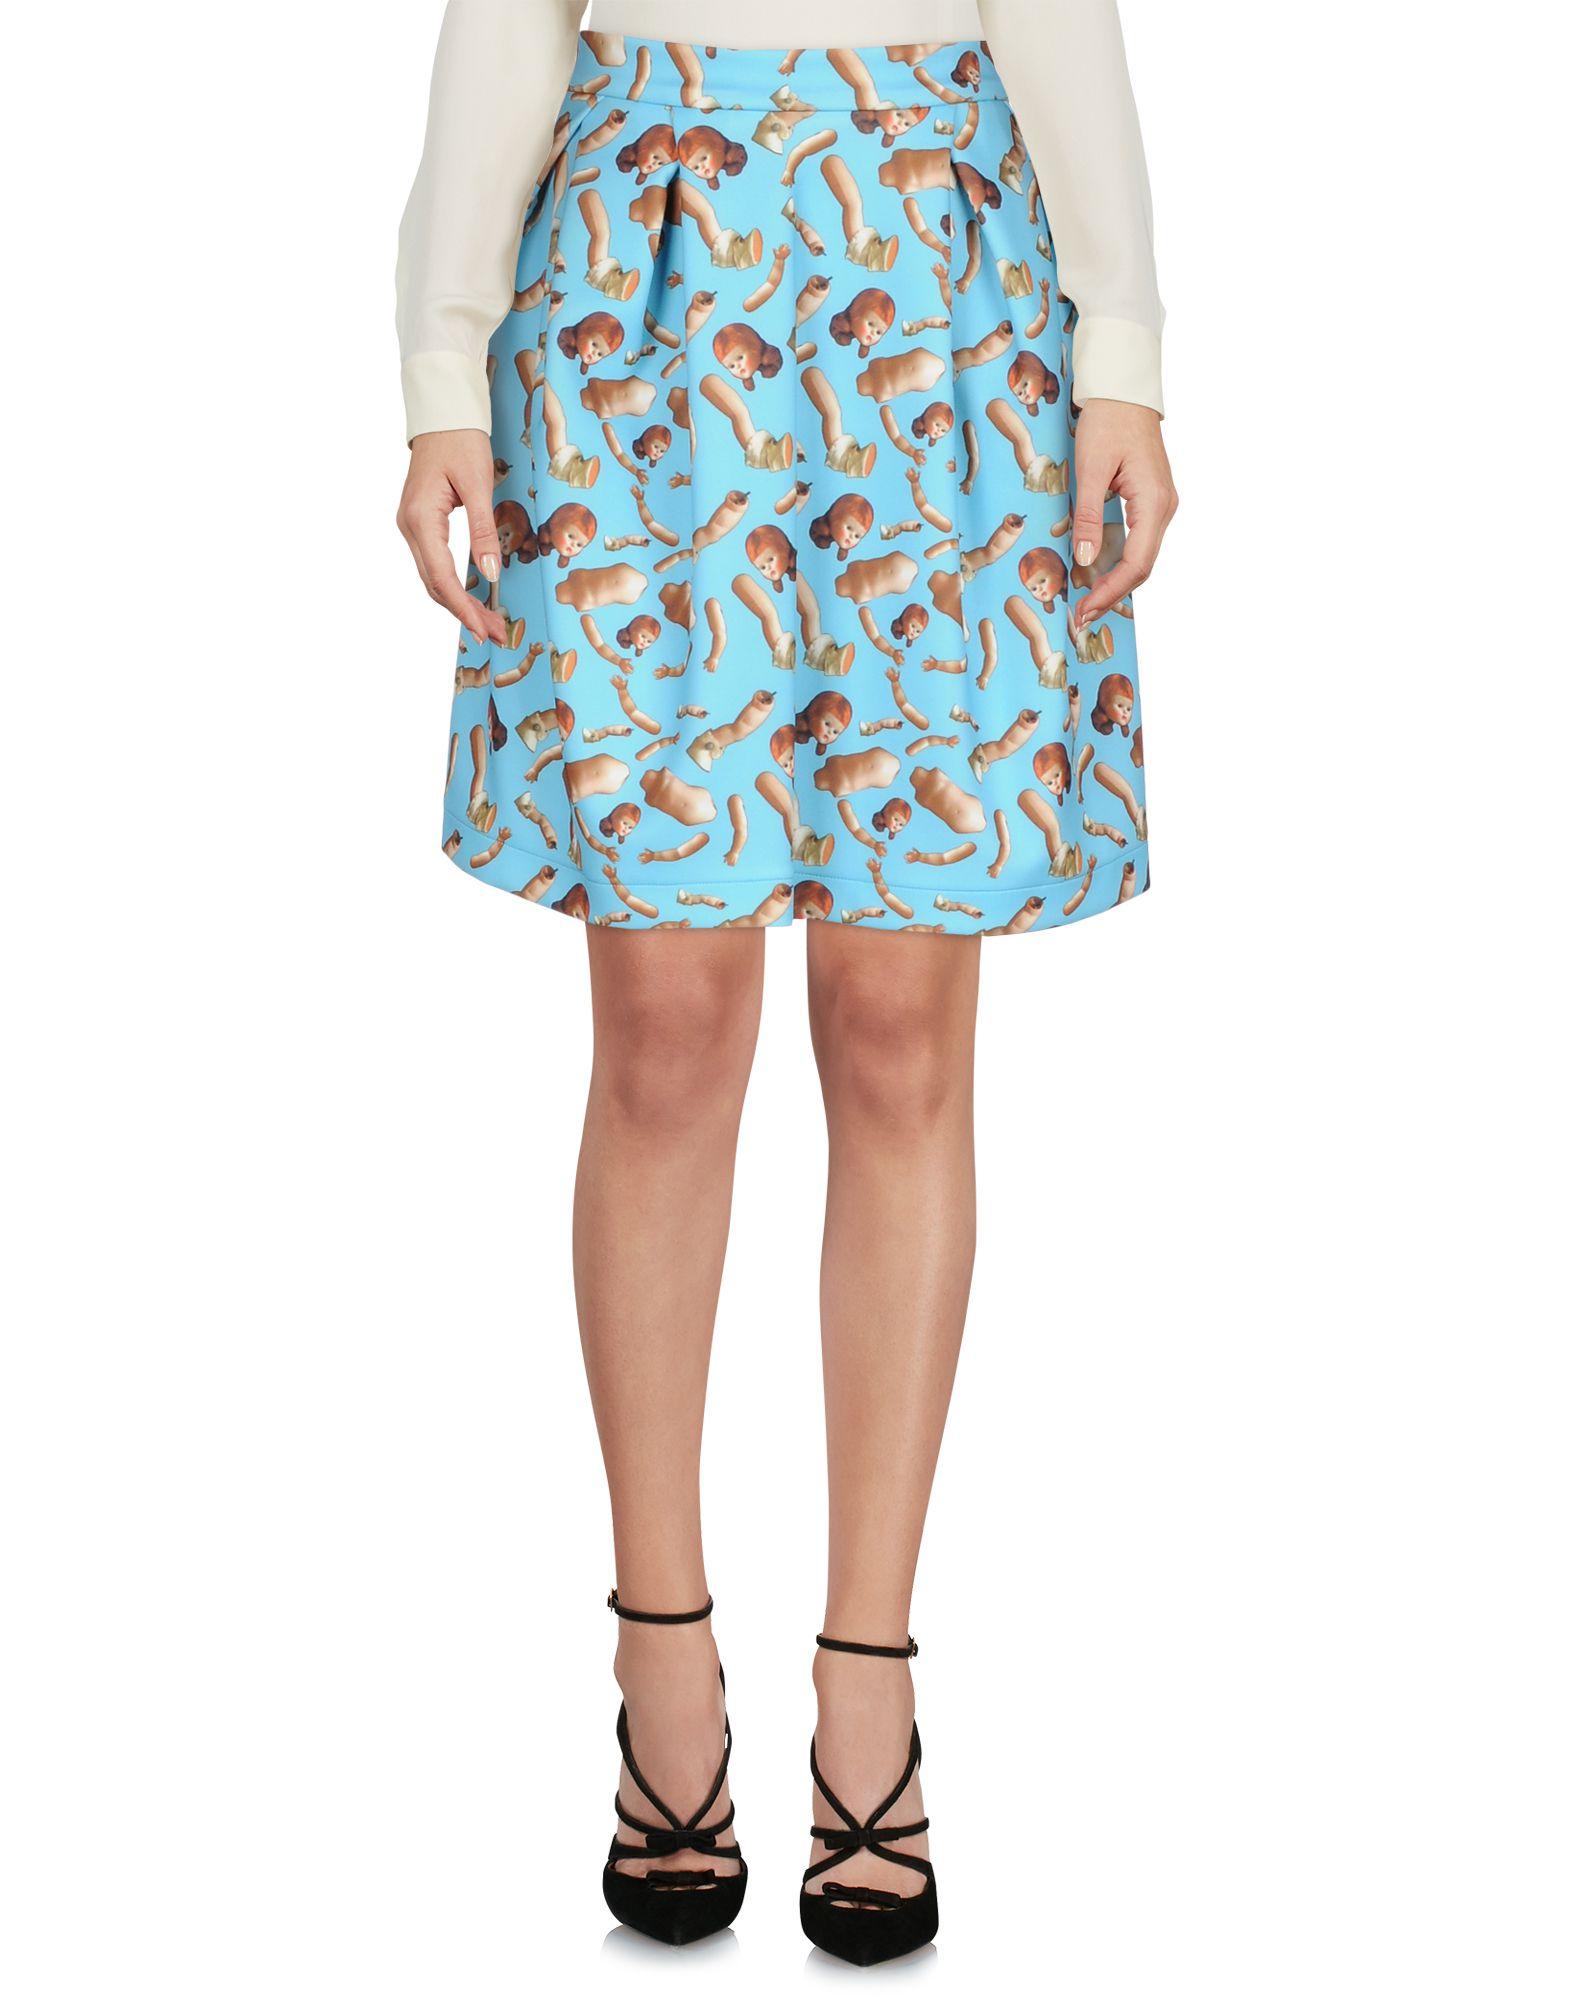 GIORGIA FIORE Knee Length Skirt in Sky Blue